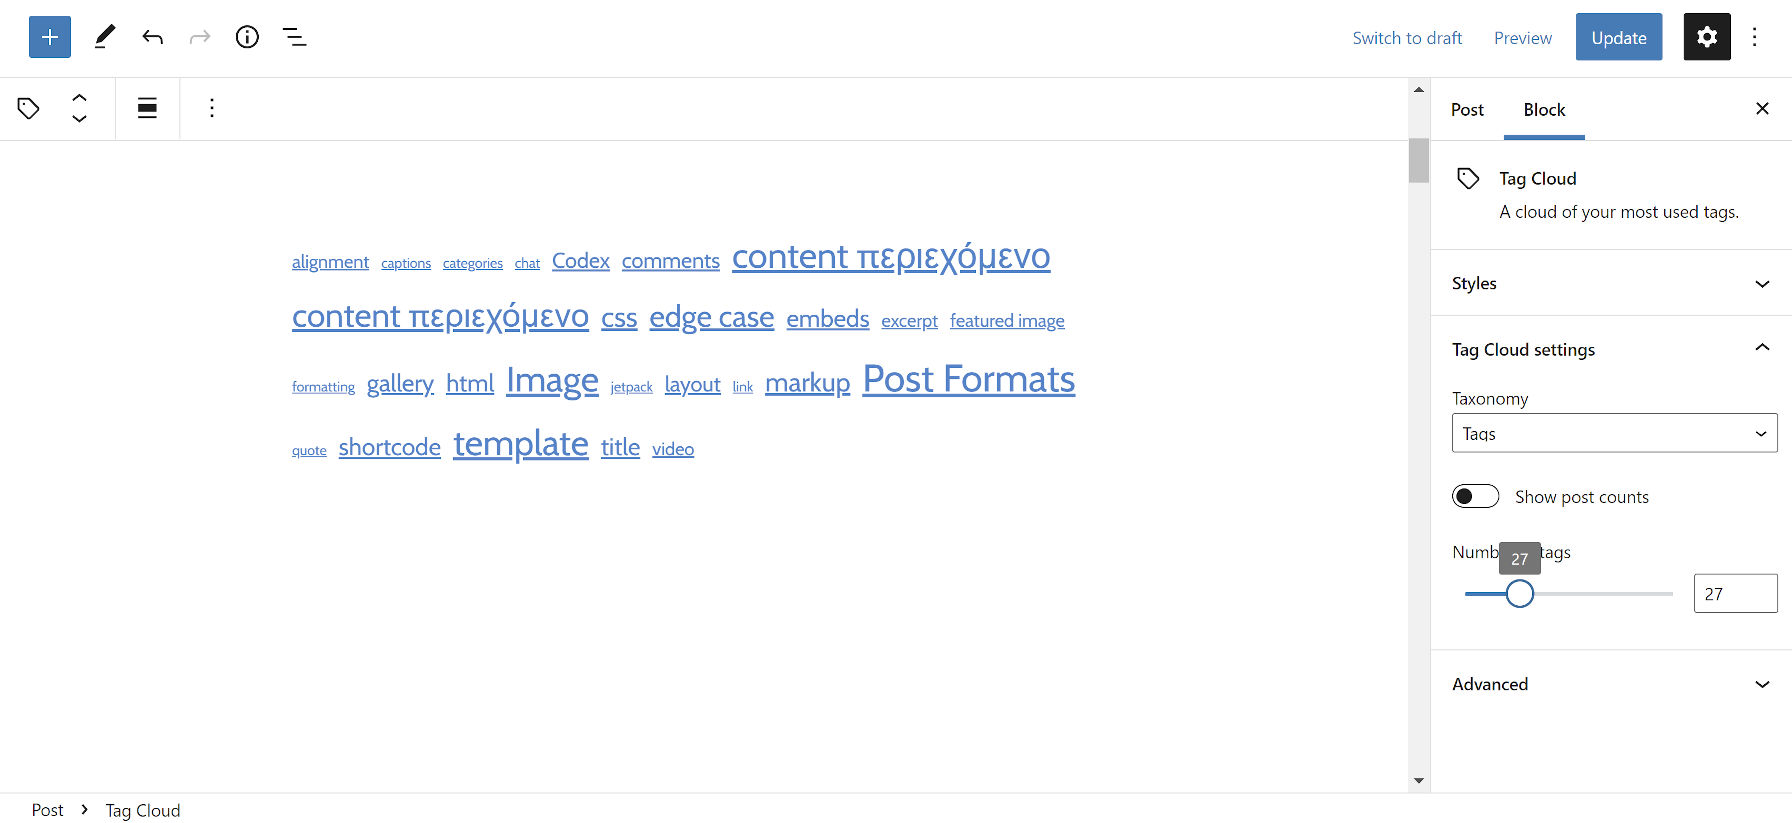 Bloc de nuage de balises dans l'éditeur WordPress avec un curseur pour définir le nombre de balises affichées.